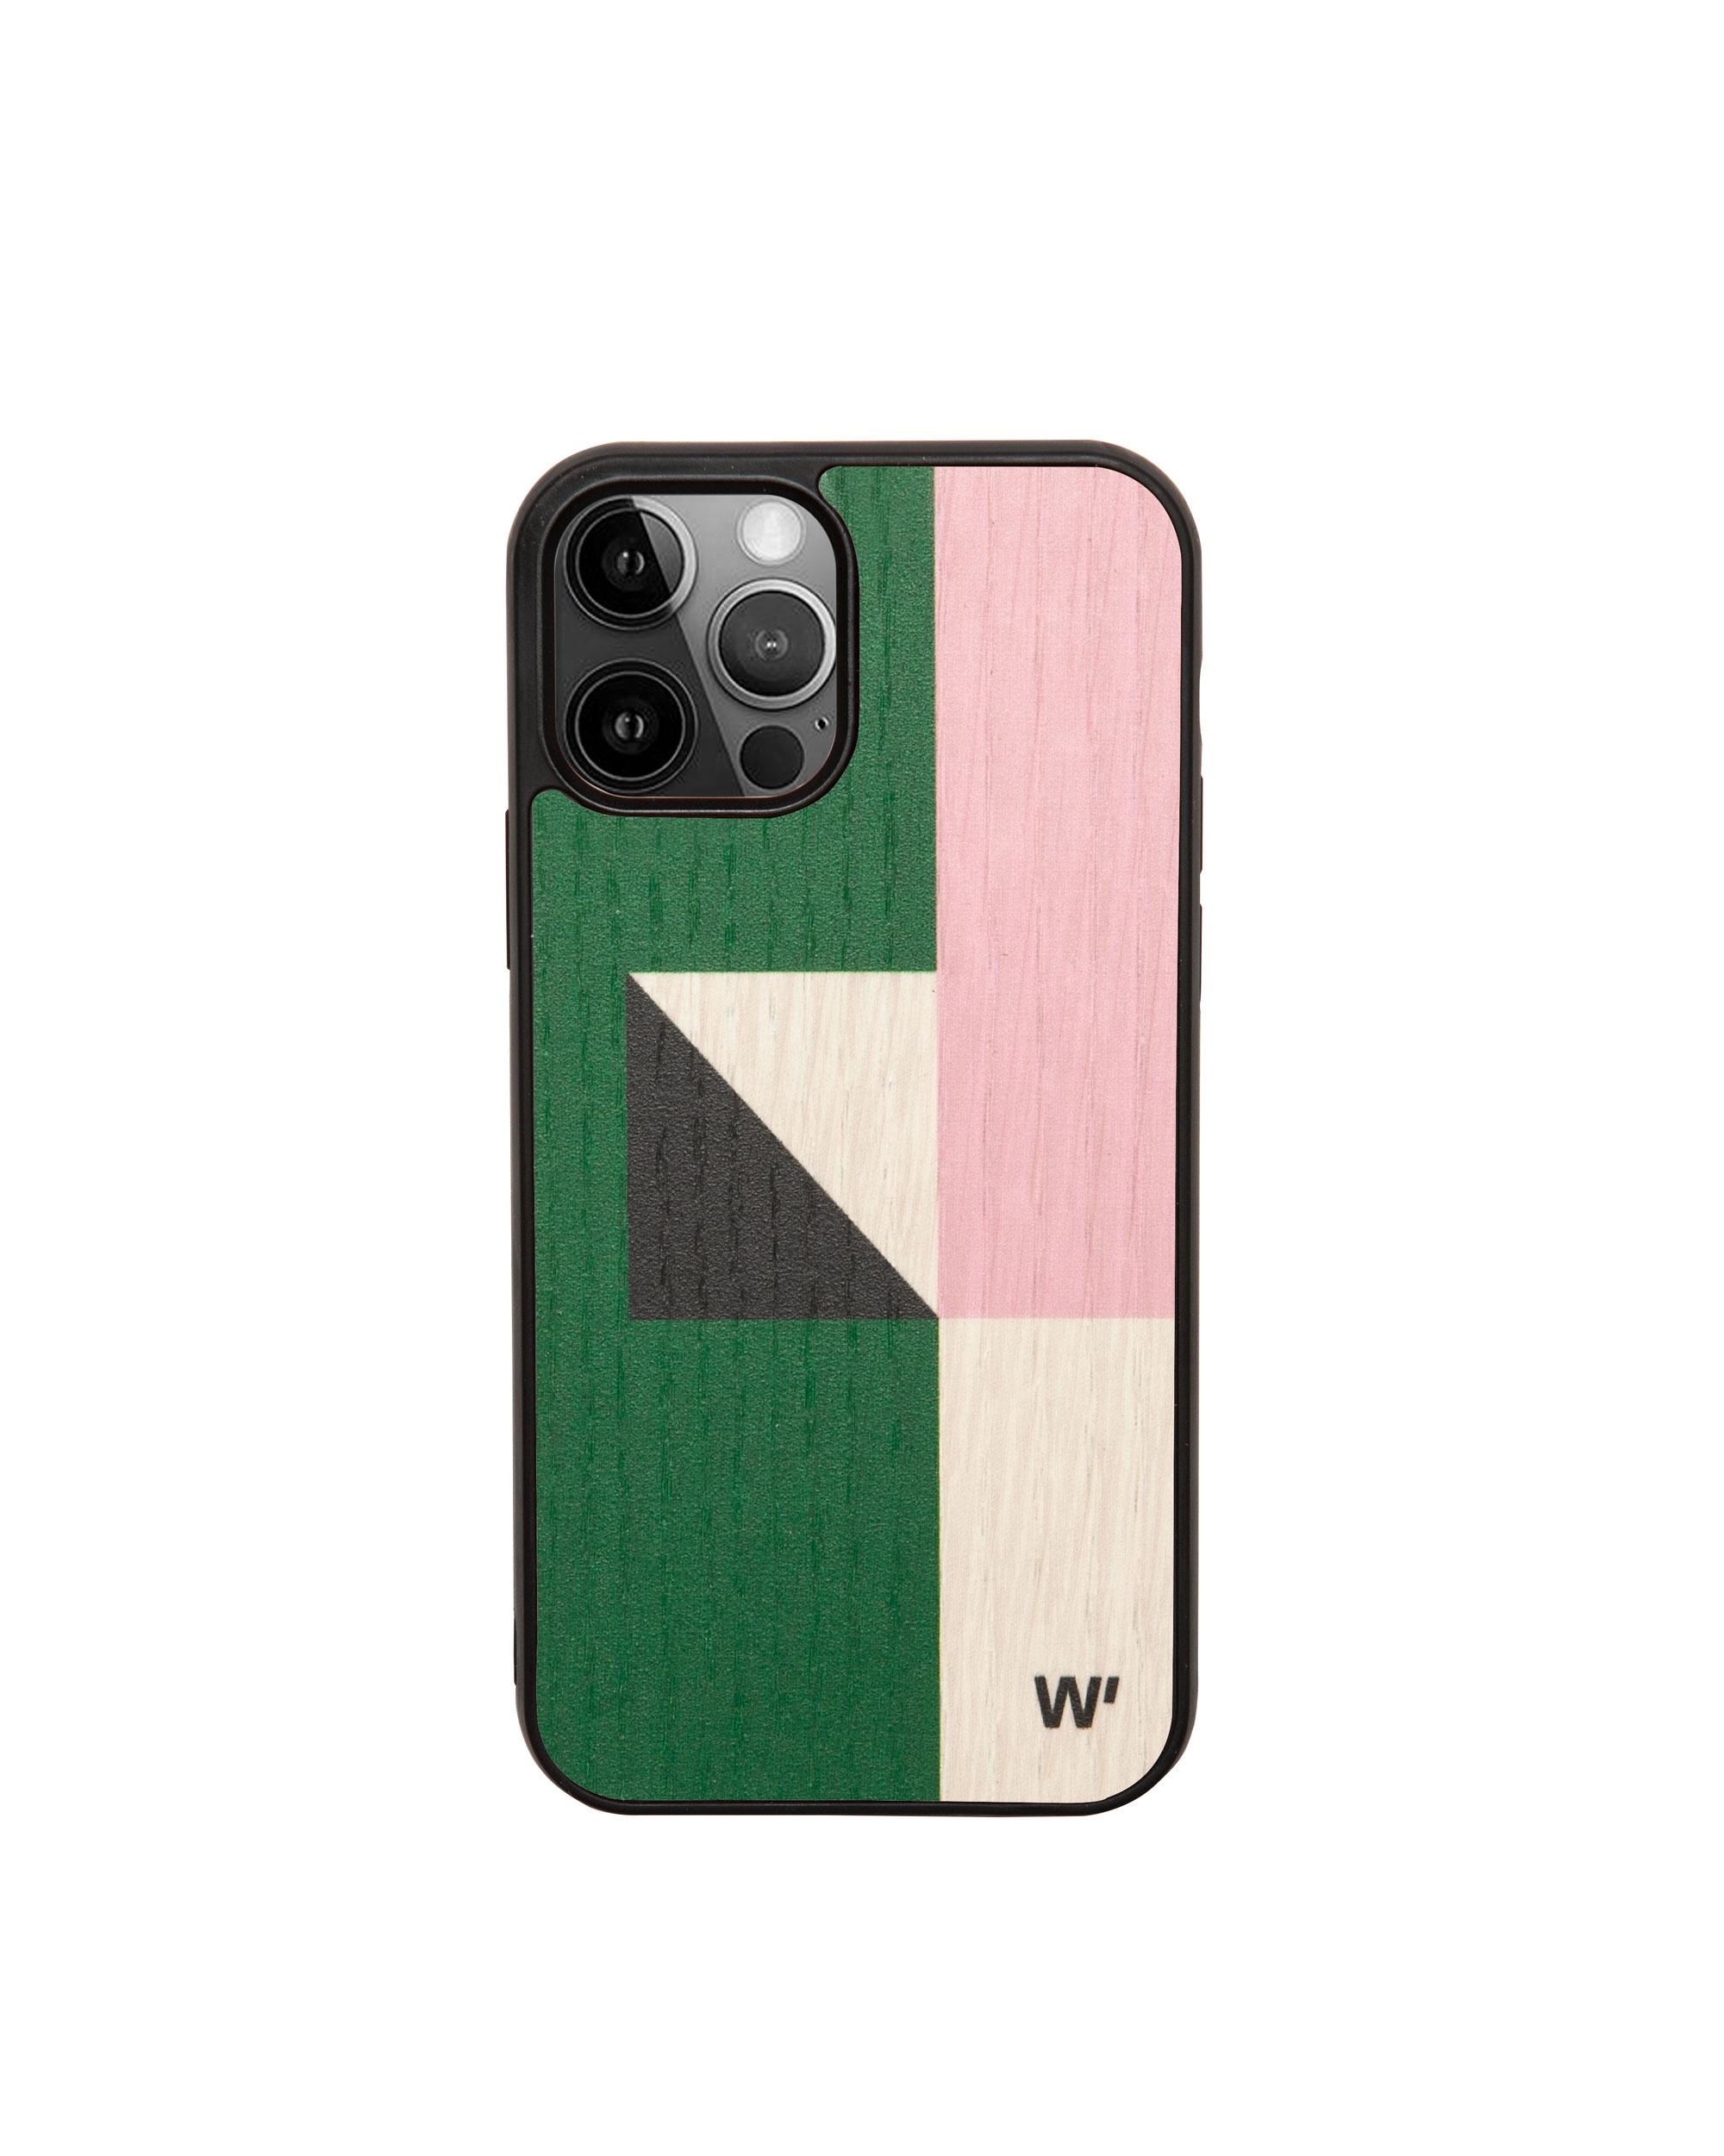 COLOR BLOCK - Coque en bois pour iPhone 7/8/SE